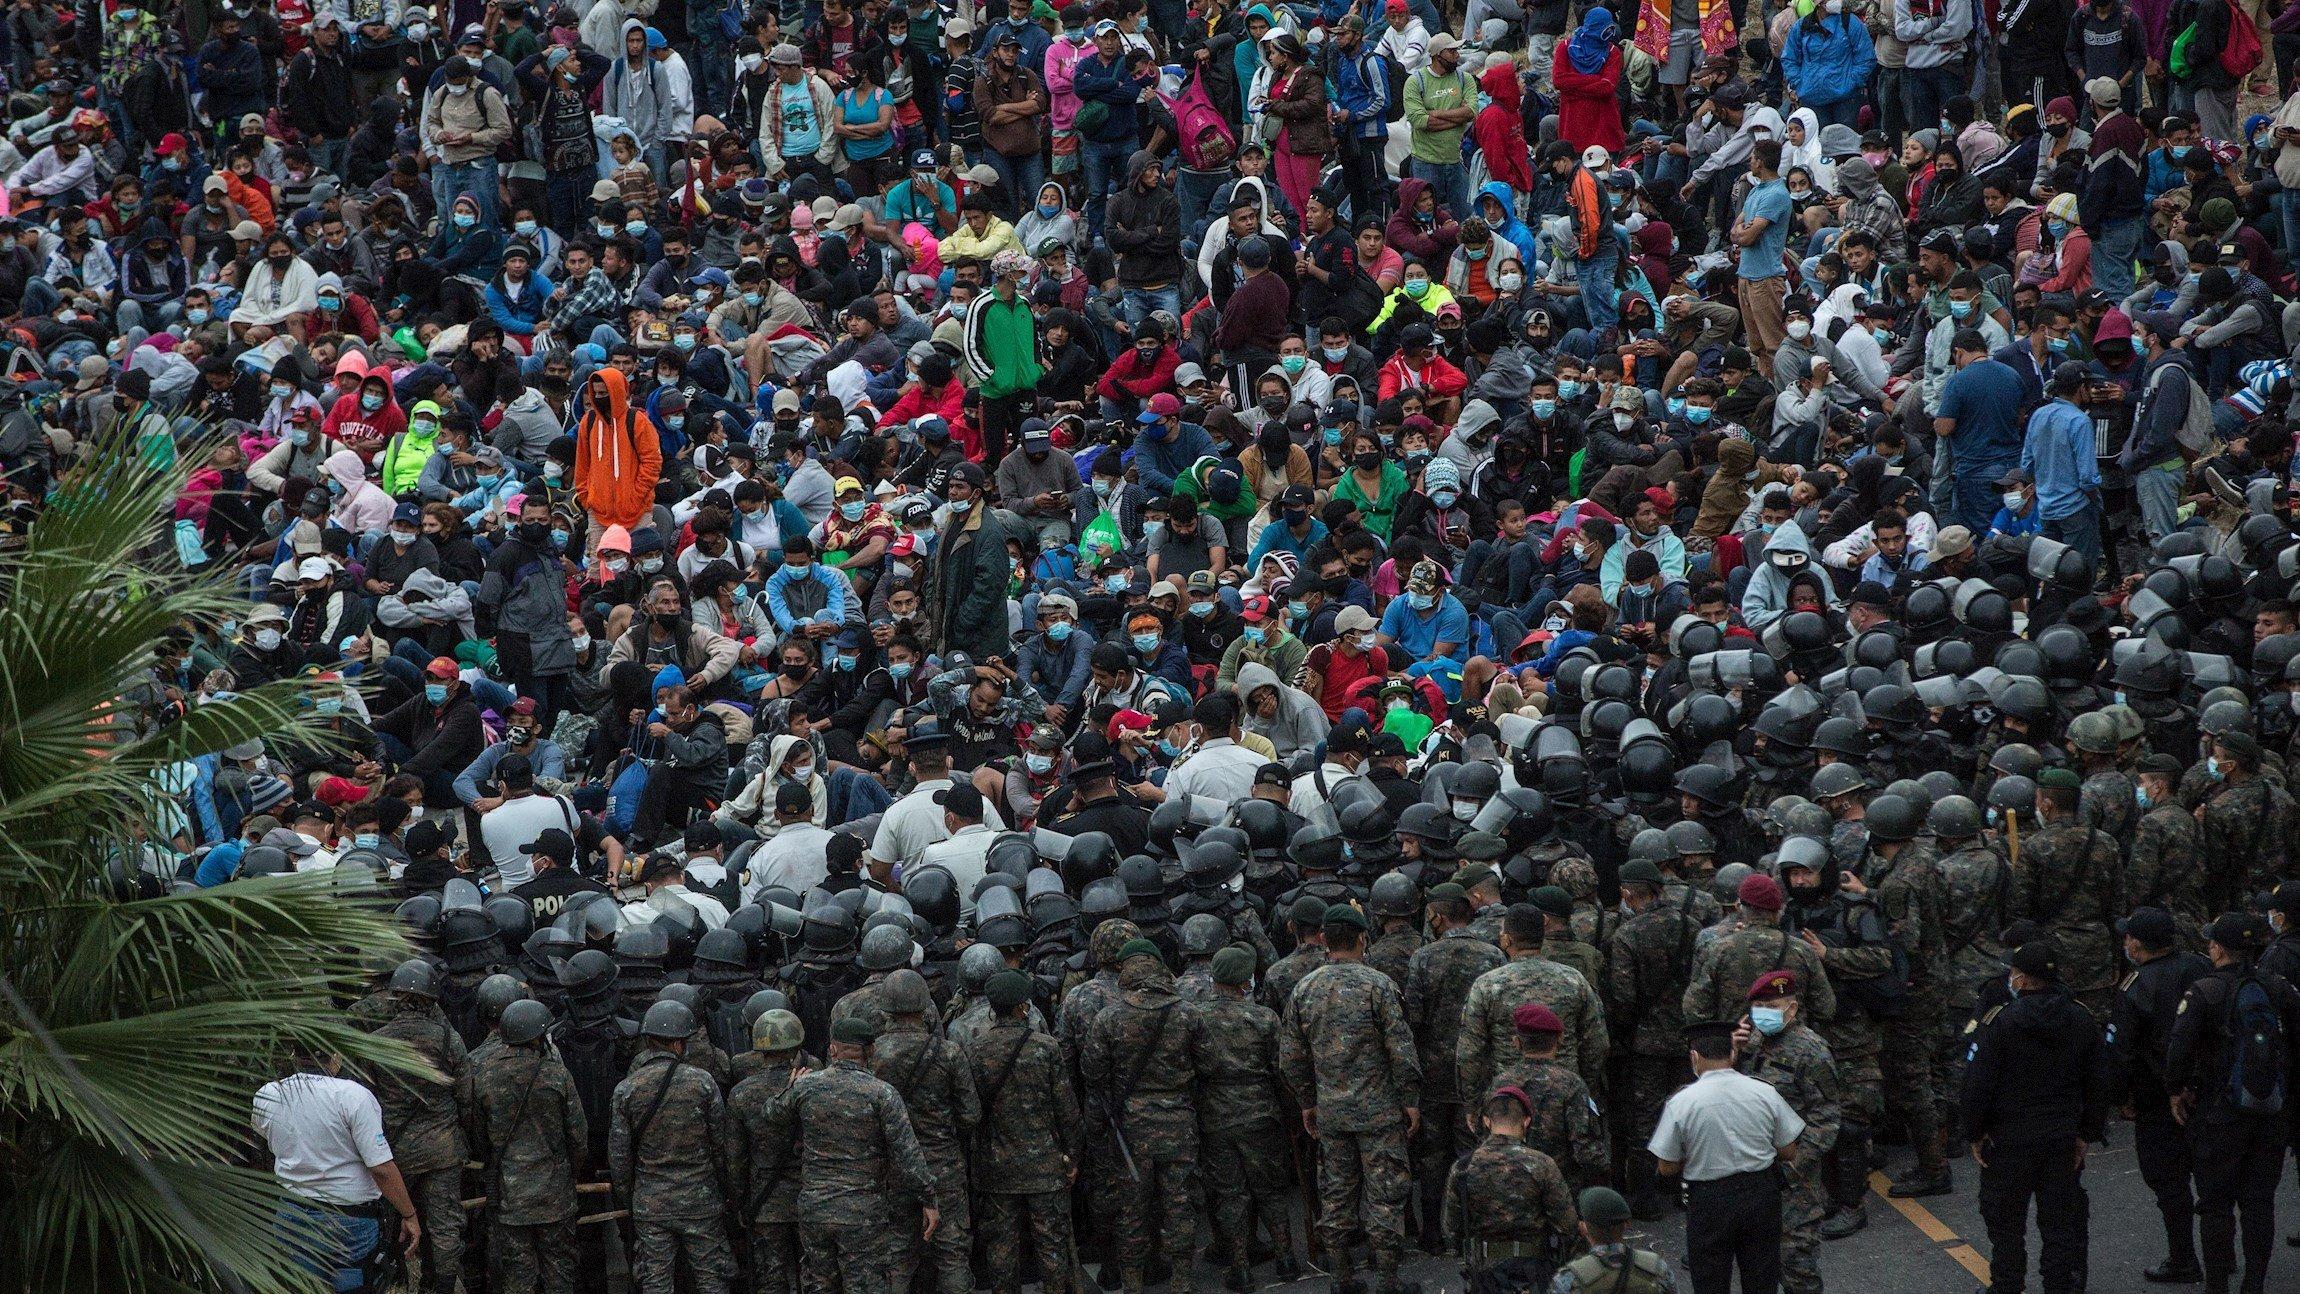 Una caravana de 9.000 migrantes hondureños camina con rumbo a EE.UU